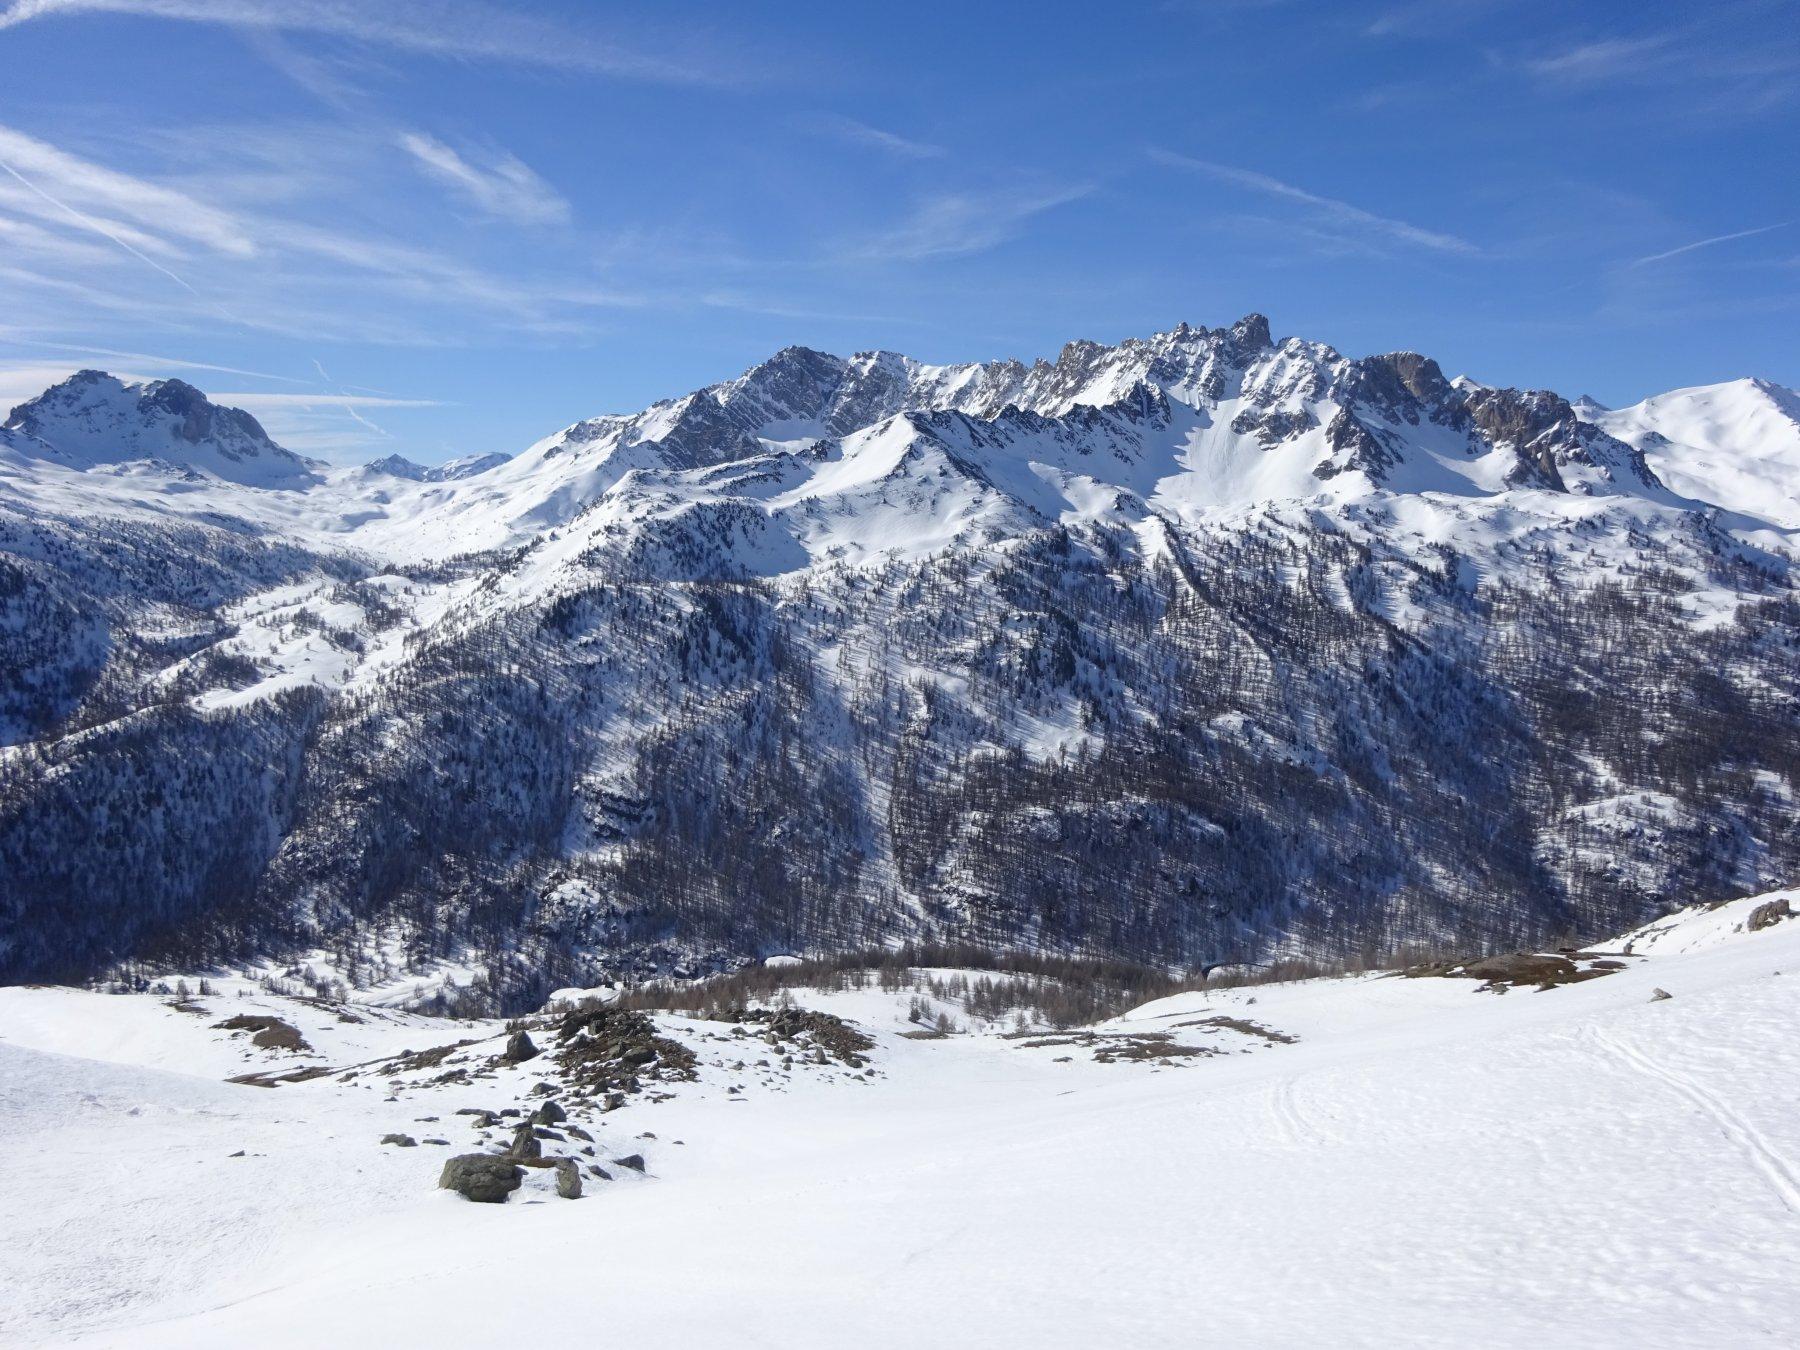 Uno sguardo verso il fondovalle risalito prima di raggiungere il colle quota 2.704